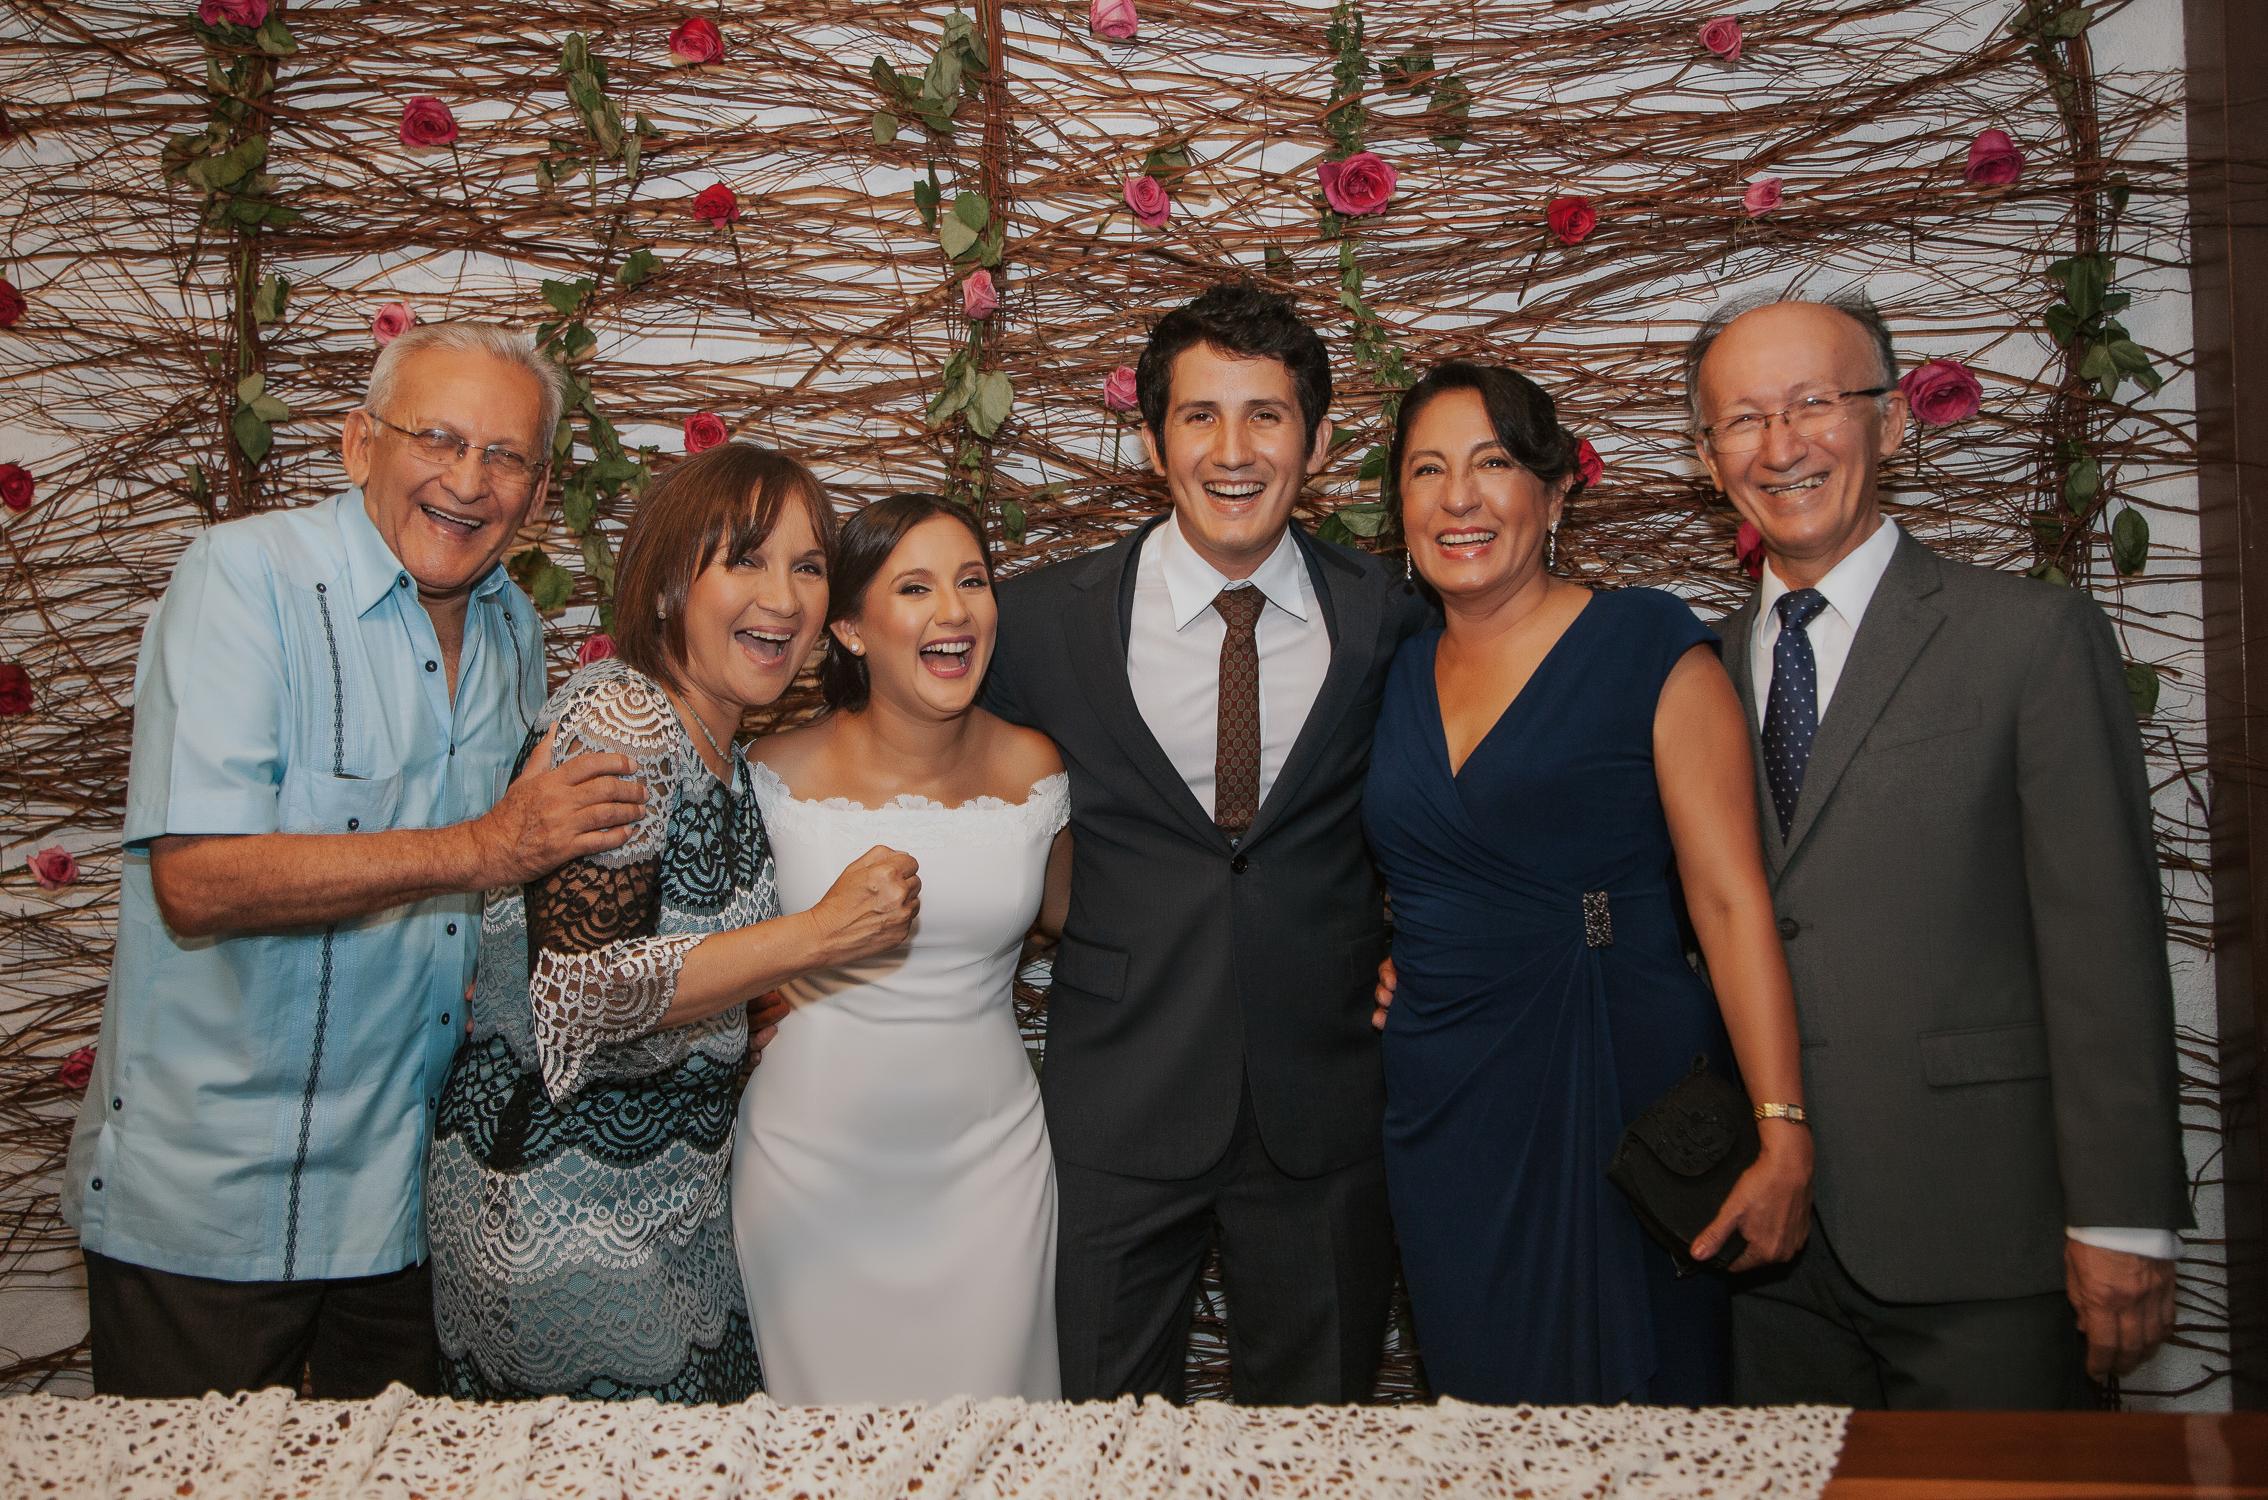 Michelle-Agurto-Fotografia-Bodas-Ecuador-Destination-Wedding-Photographer-Adriana-Allan-16.JPG